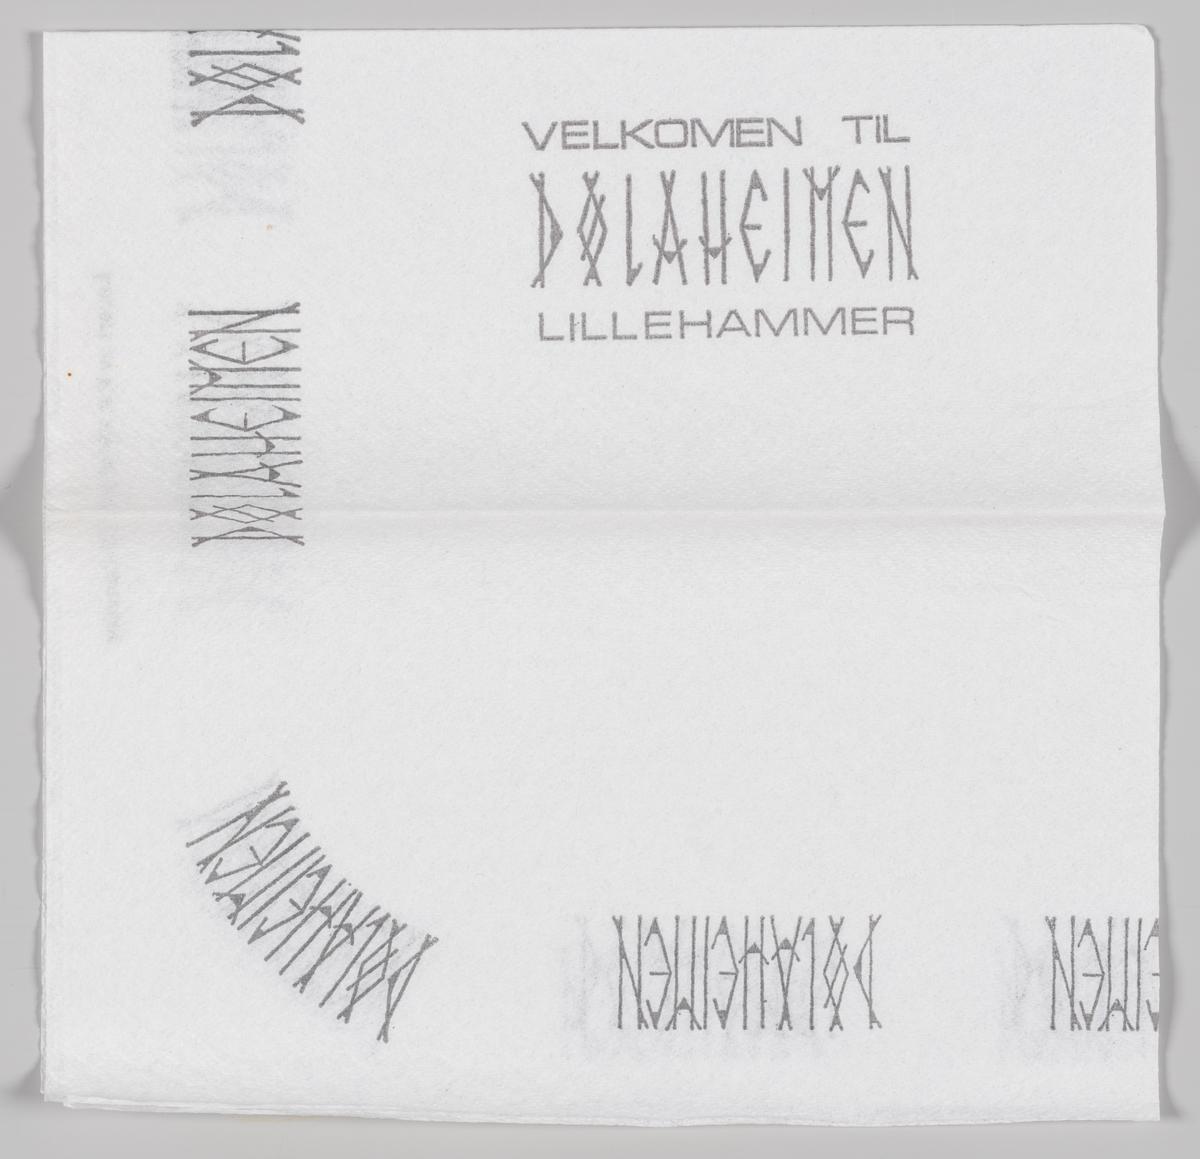 En reklametekst for Dølaheimen hotell og kafeteria på Lillehammer.  Samme tekst på MIA.00007-004-0140.